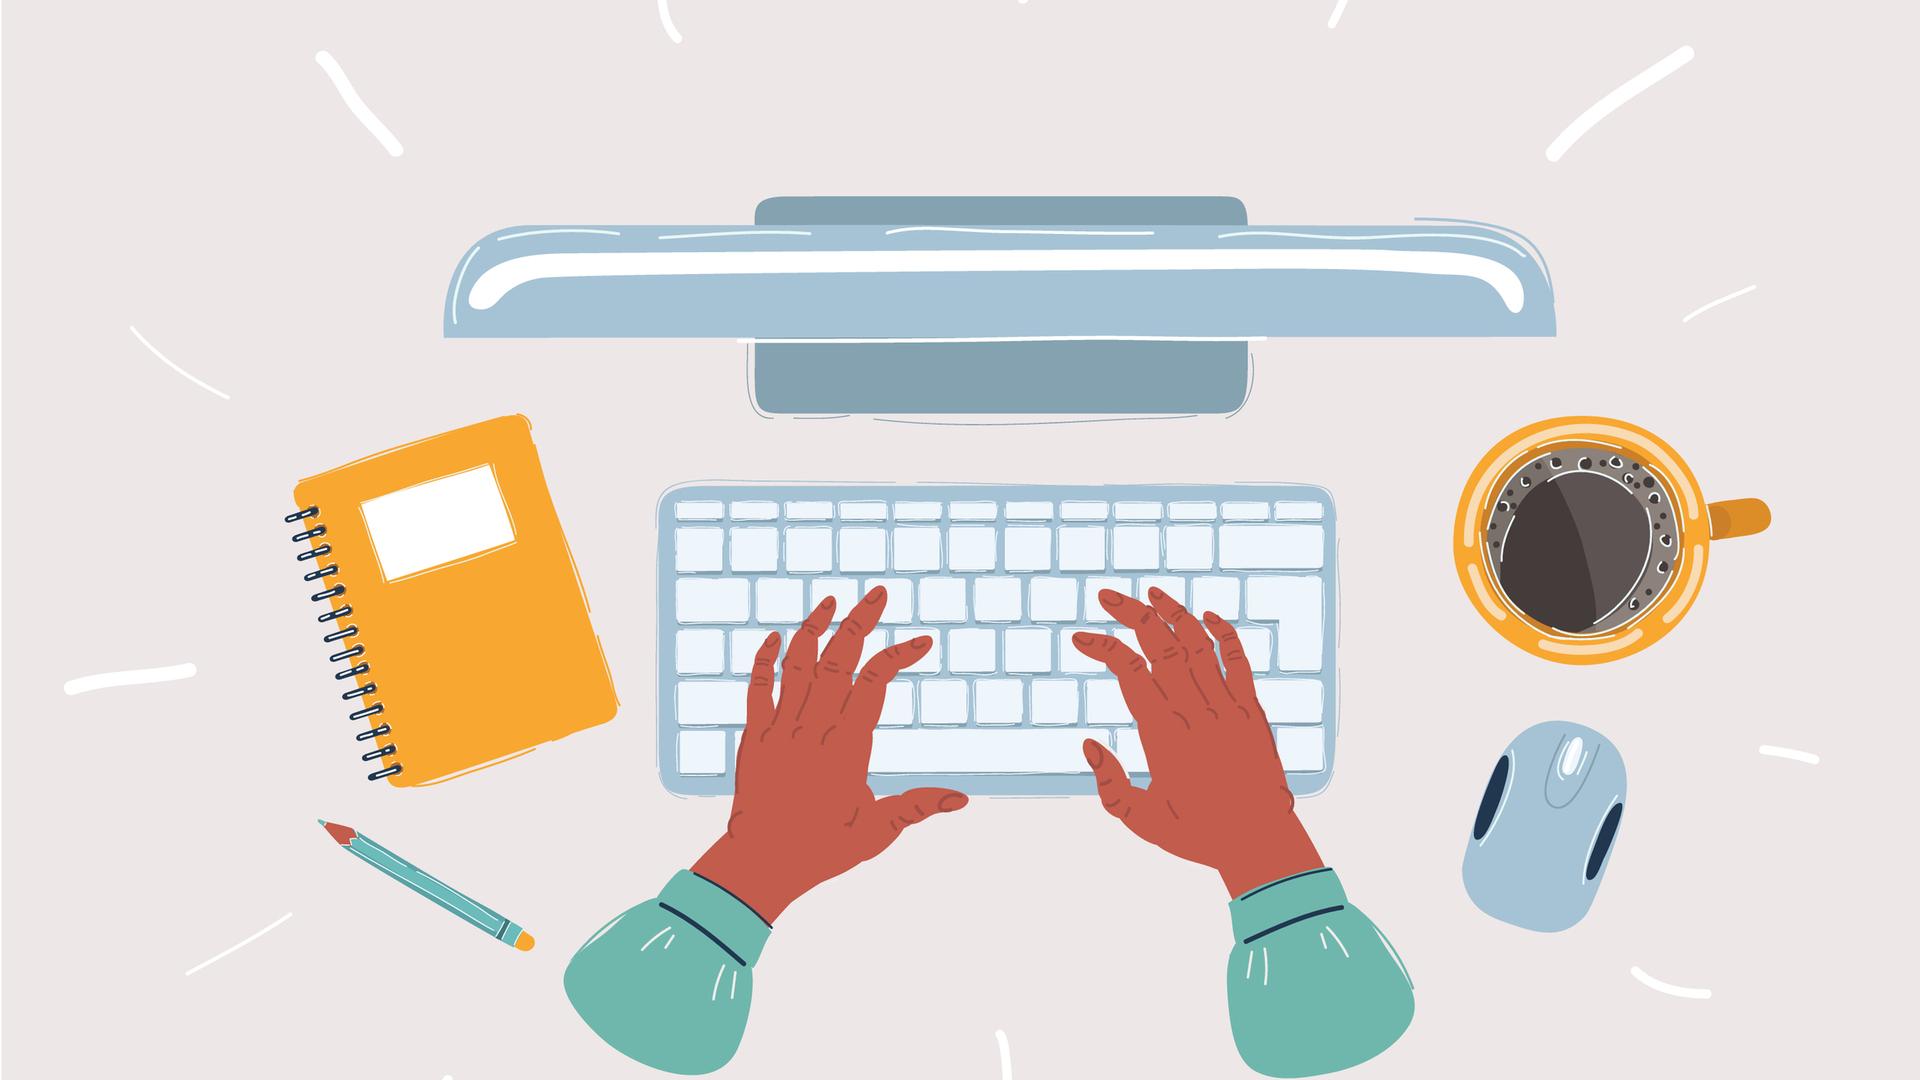 【今すぐできるコストカット】スケジュール管理にかける時間をゼロにすればやる気も効率もアップする!